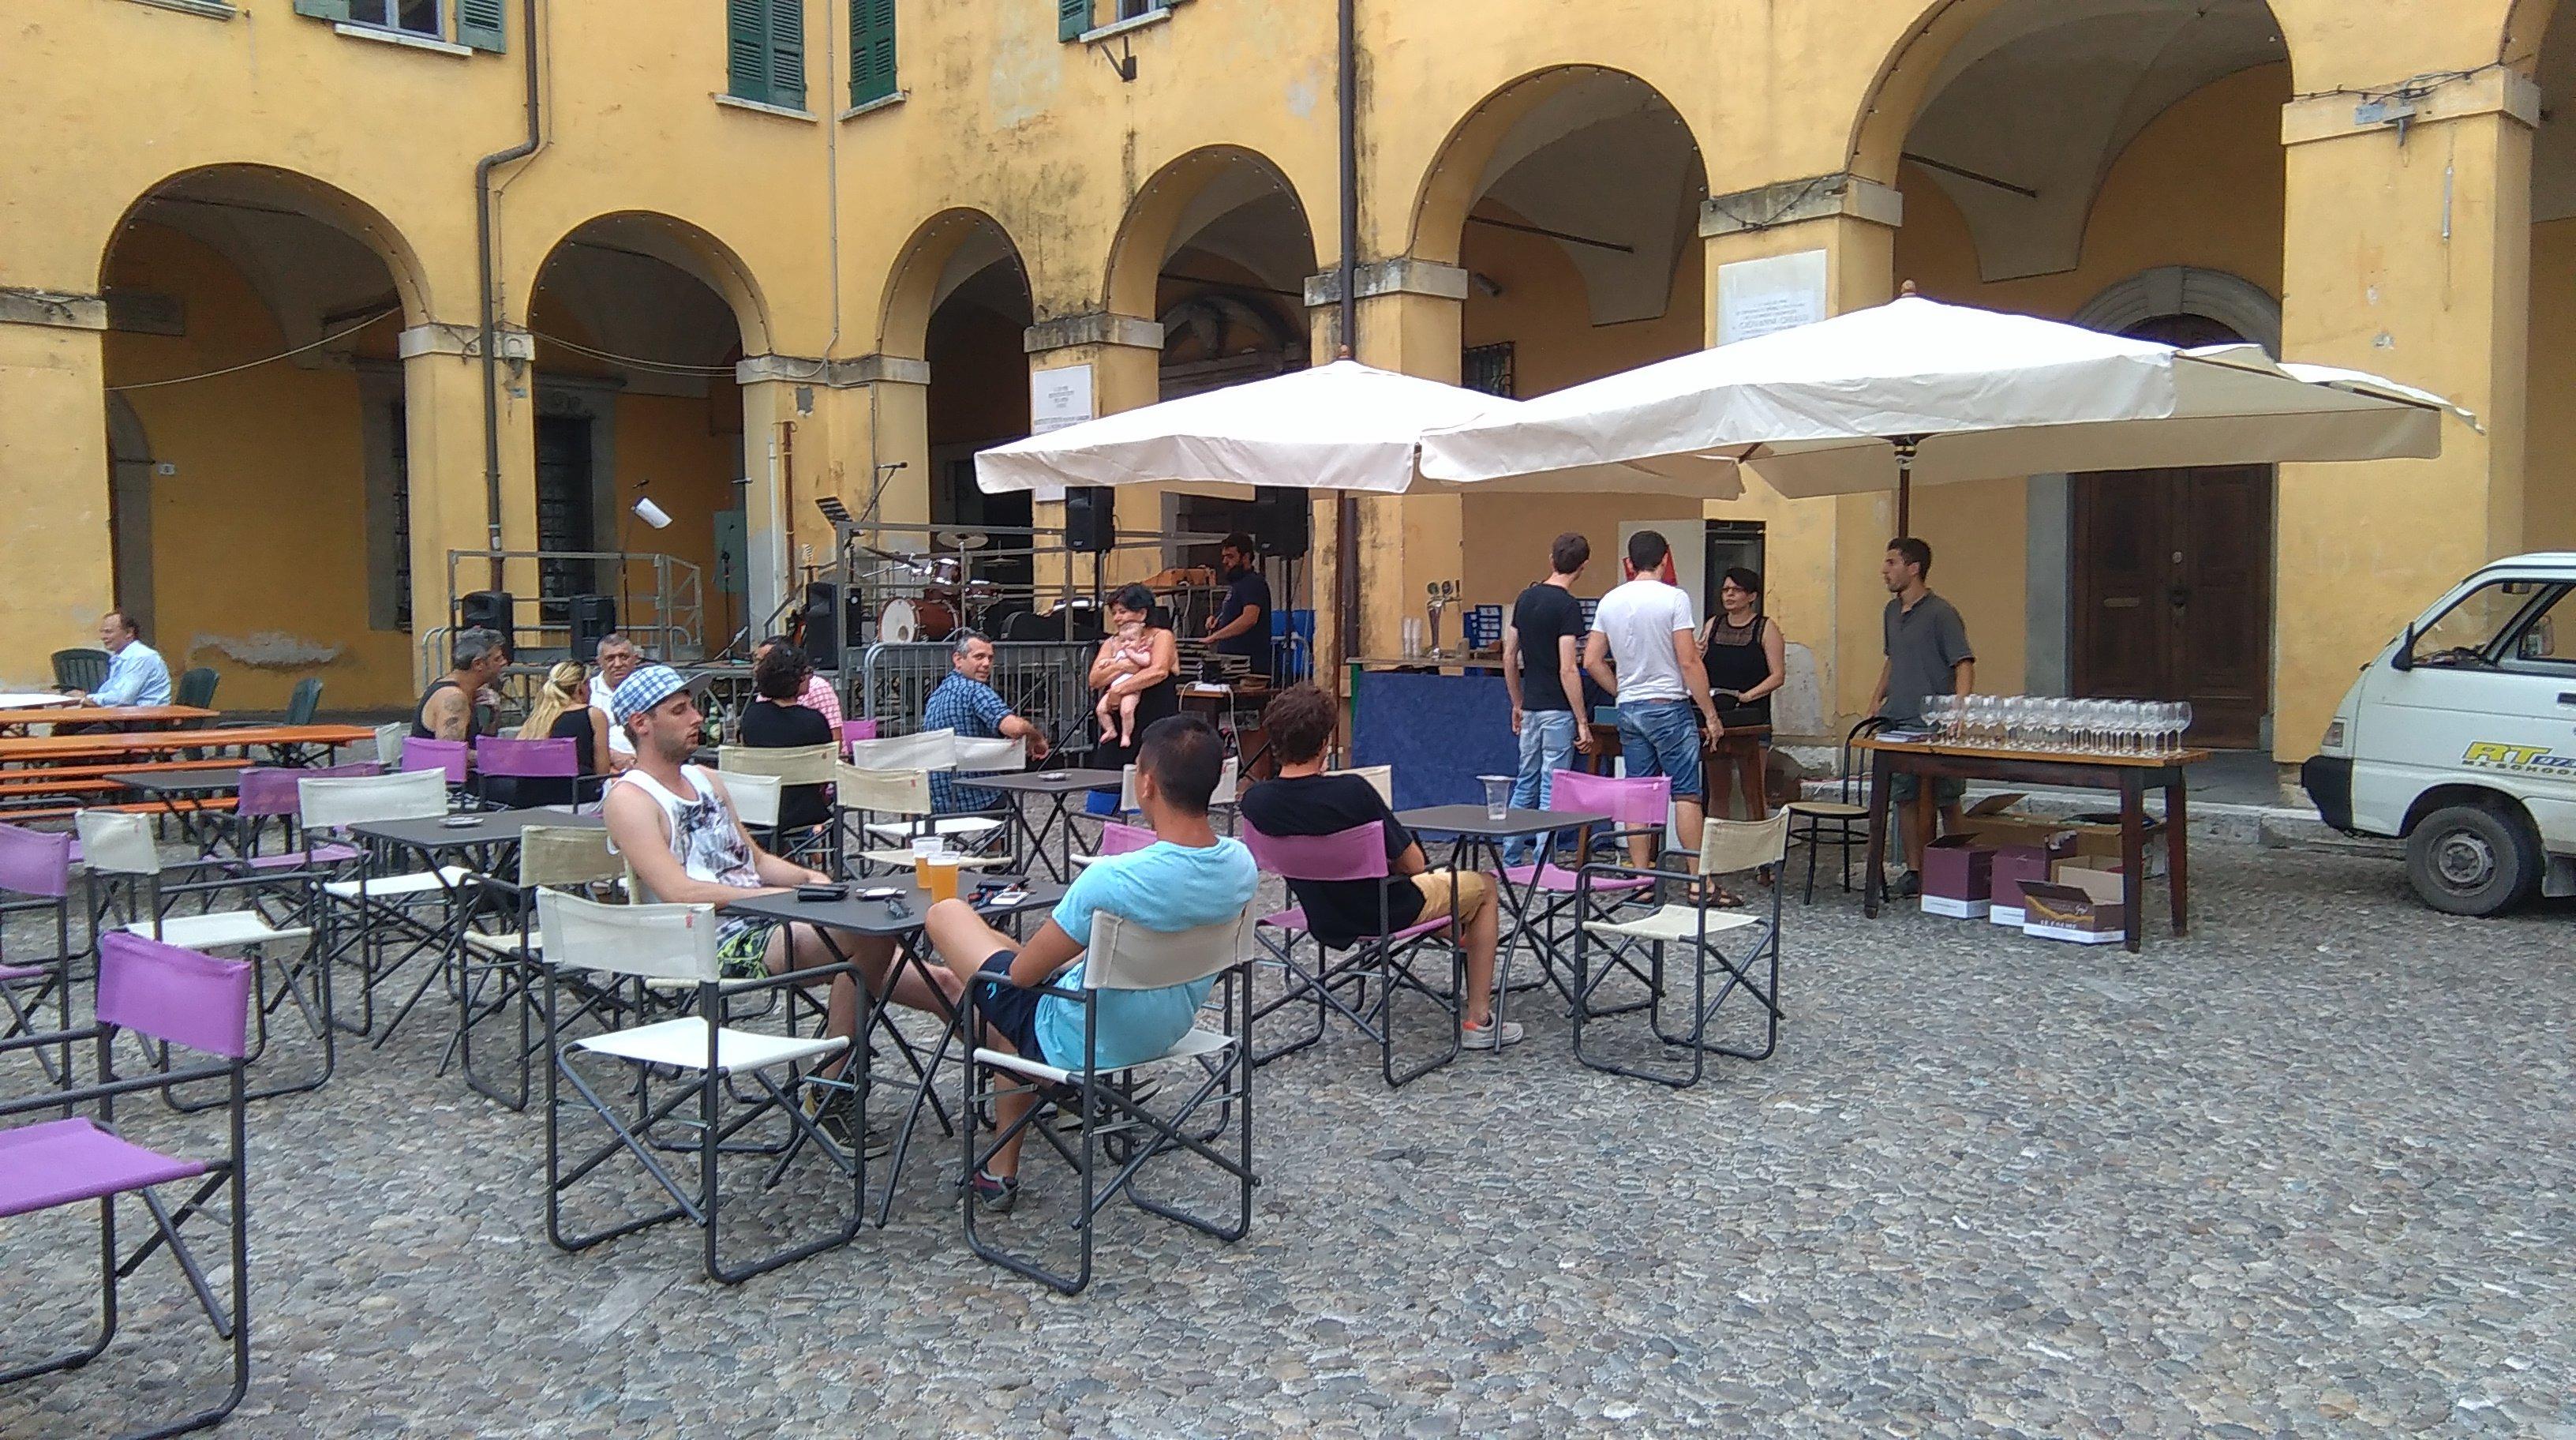 La Latteria Taverna, Castiglione Delle Stiviere